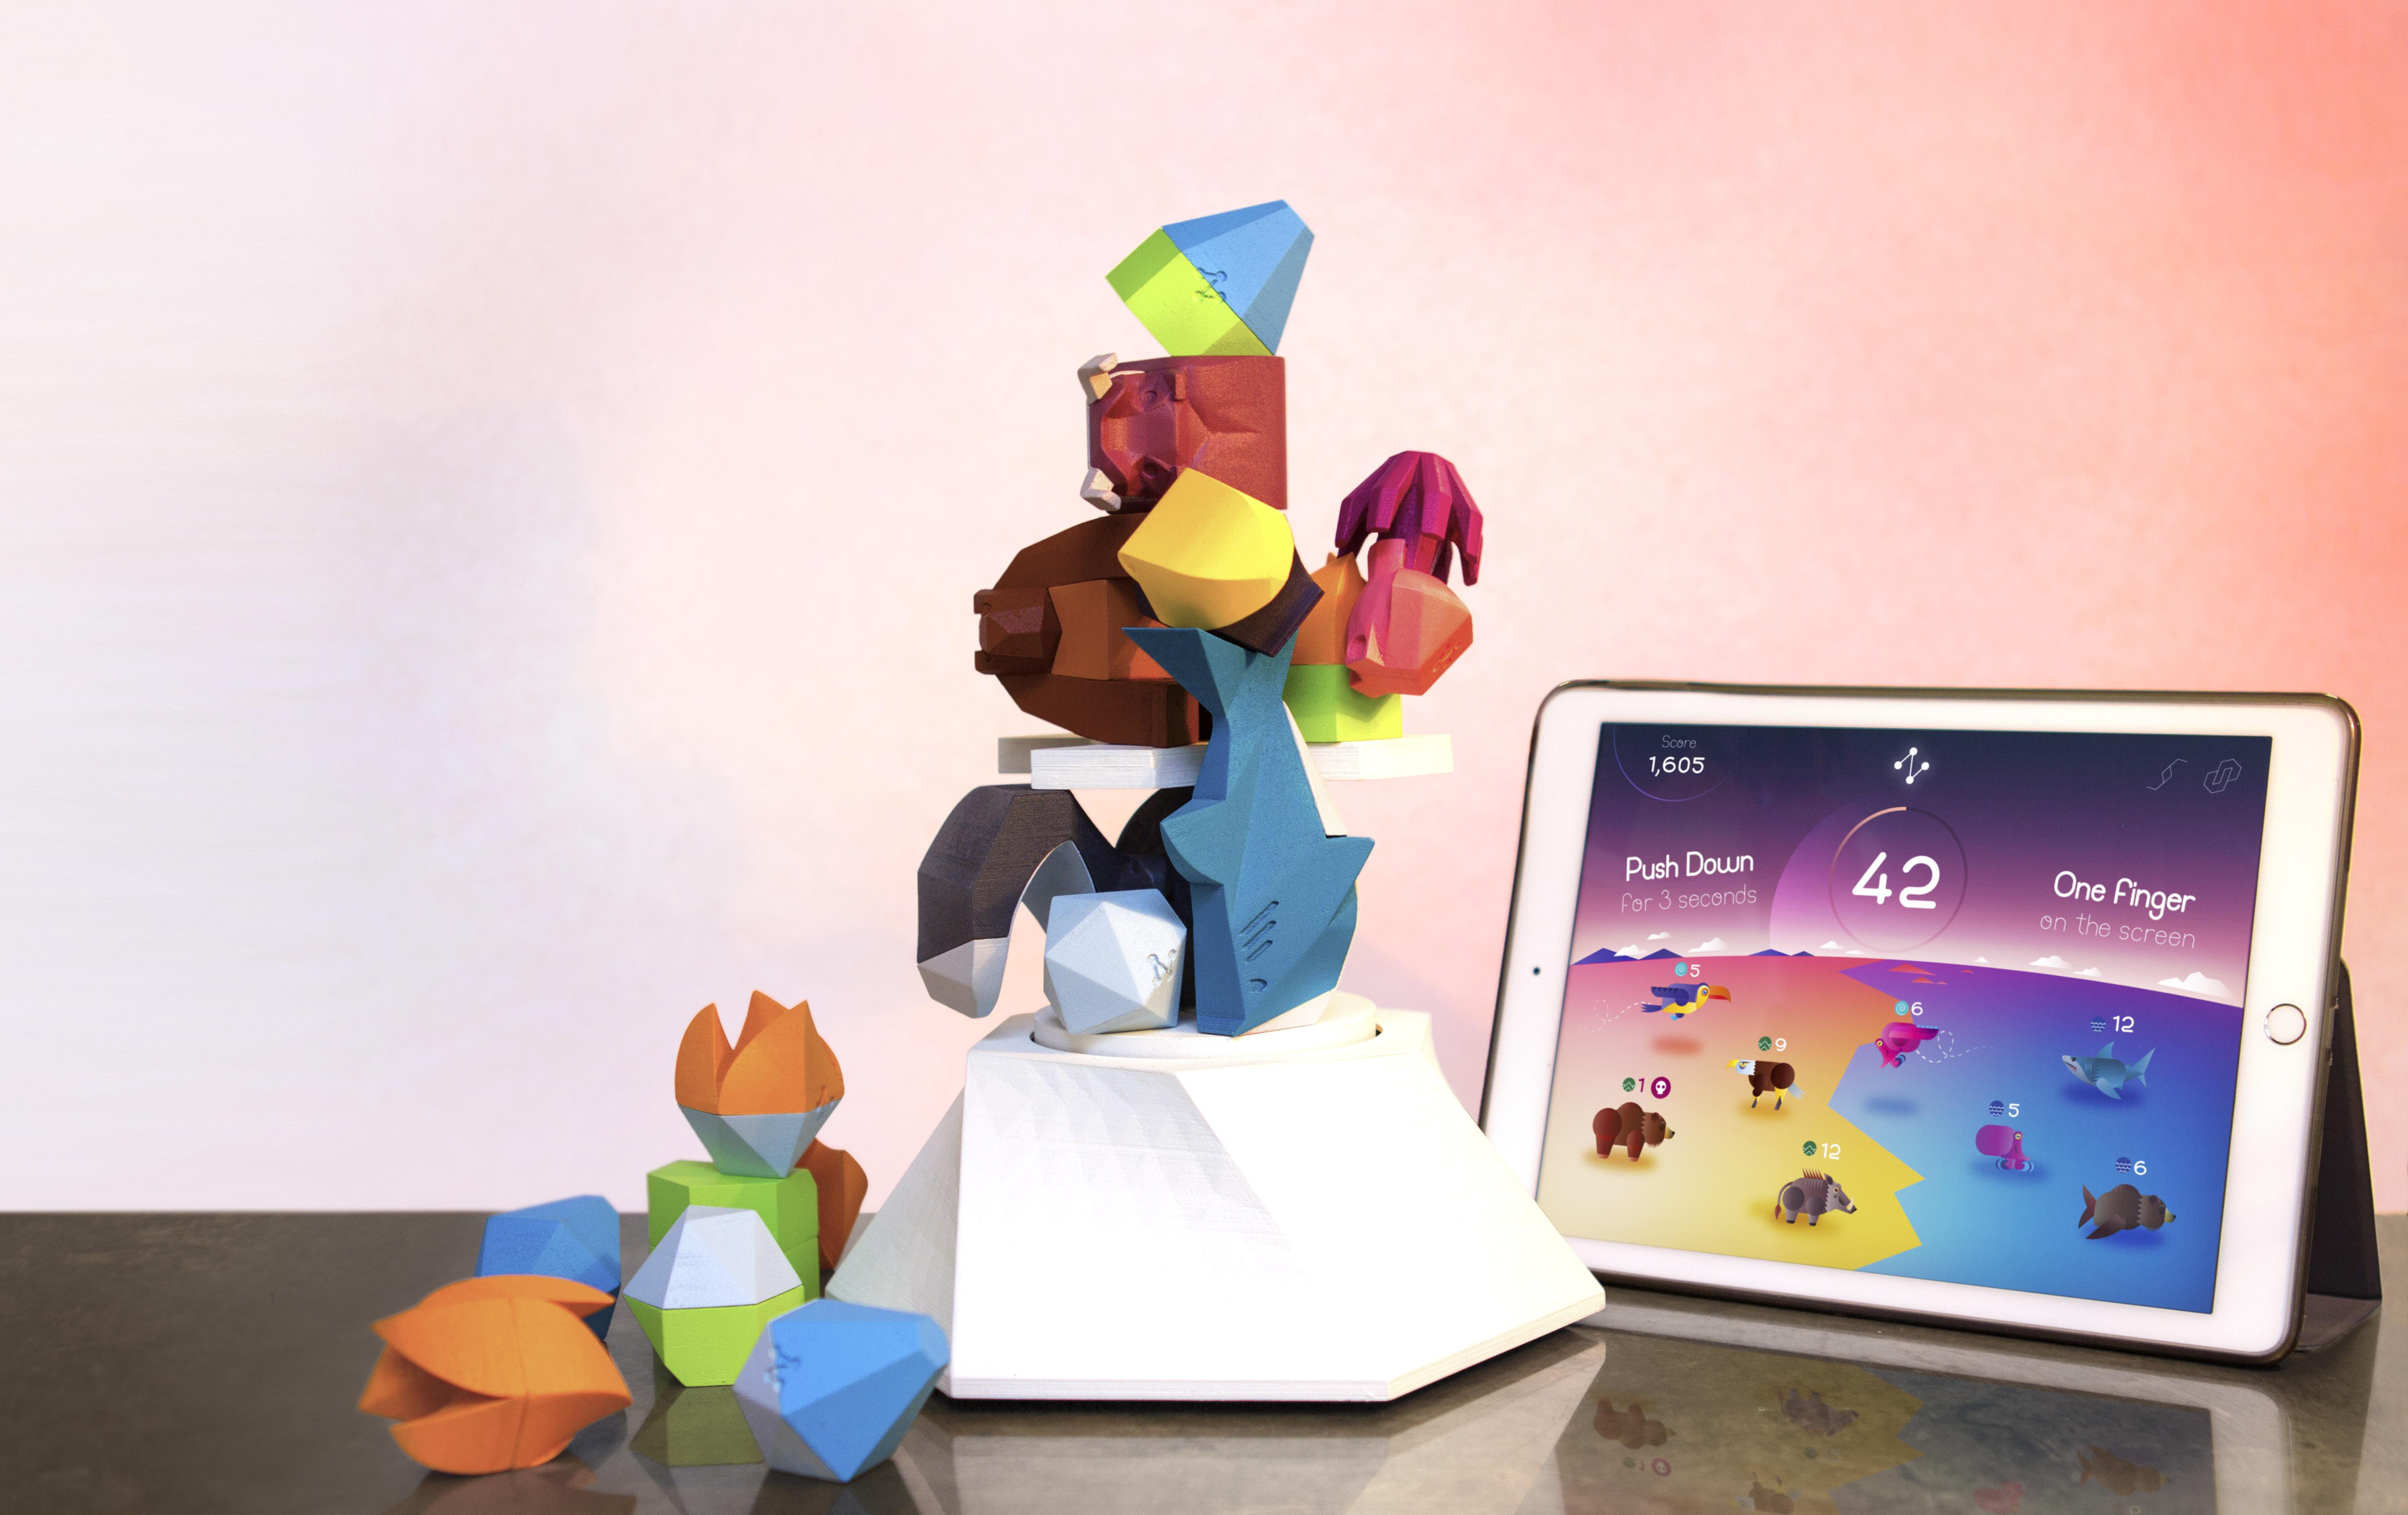 Divertido e social, jogo trás a interação do físico para o digital